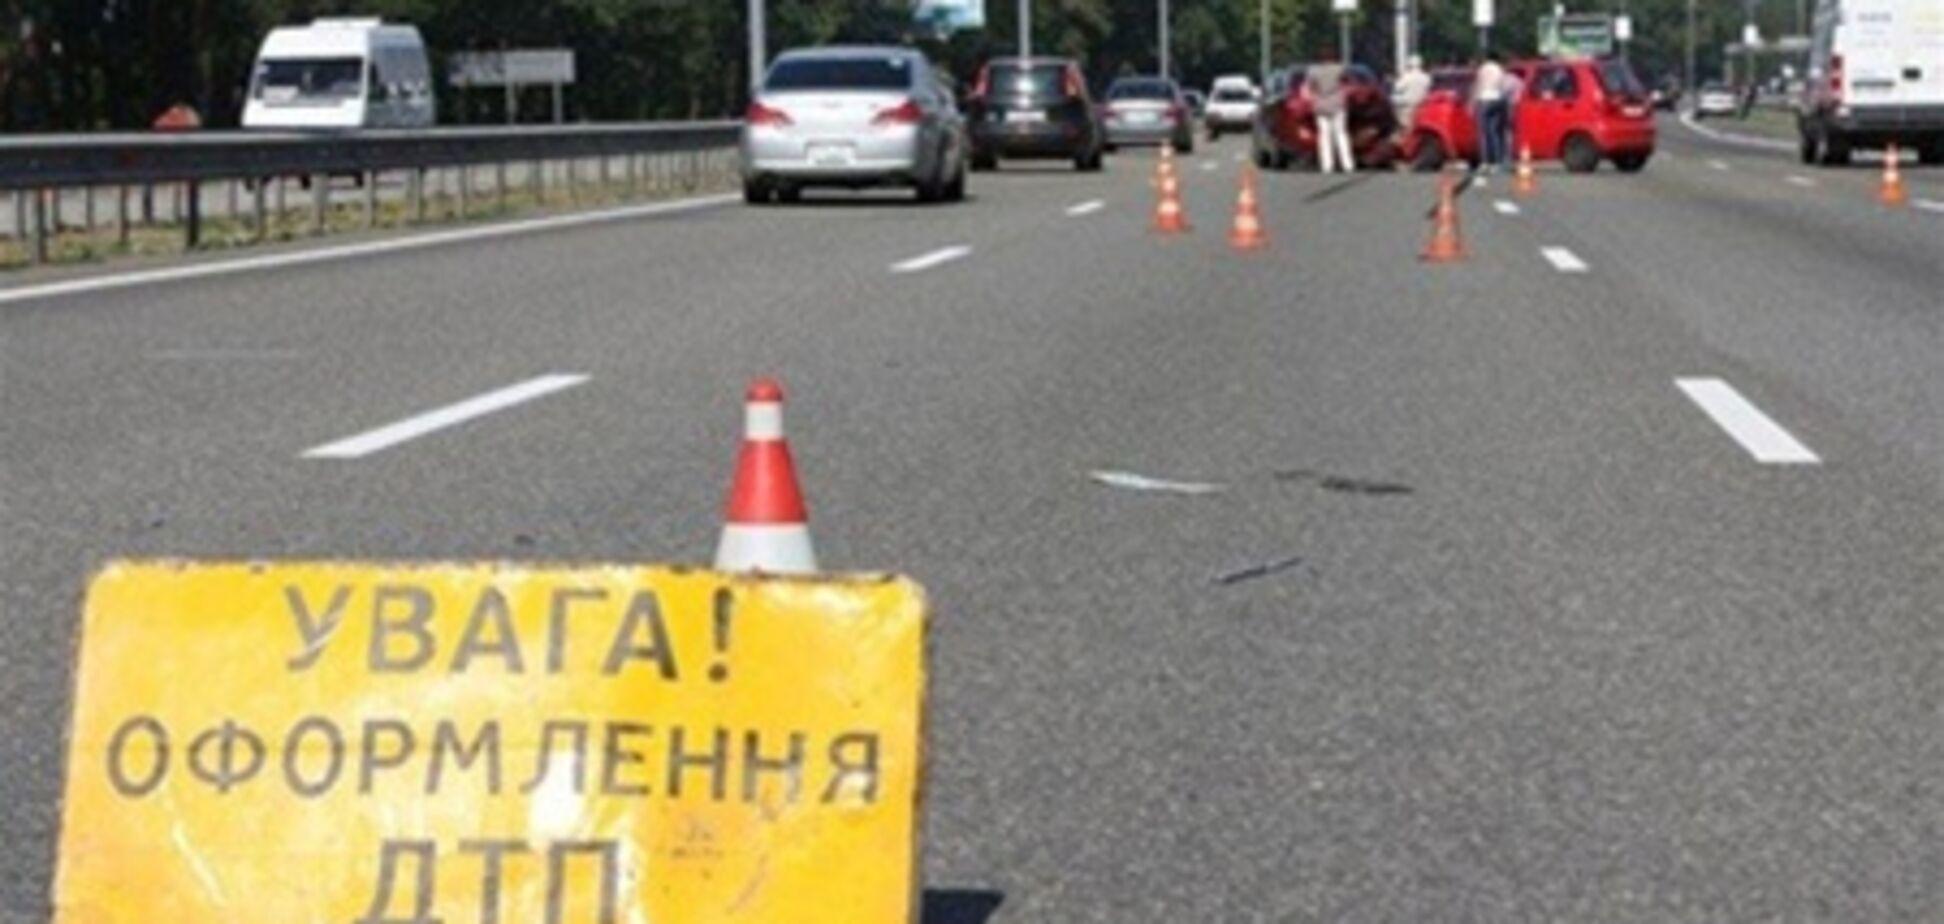 В Крыму регионал насмерть сбил 7-летнего ребенка. Видео